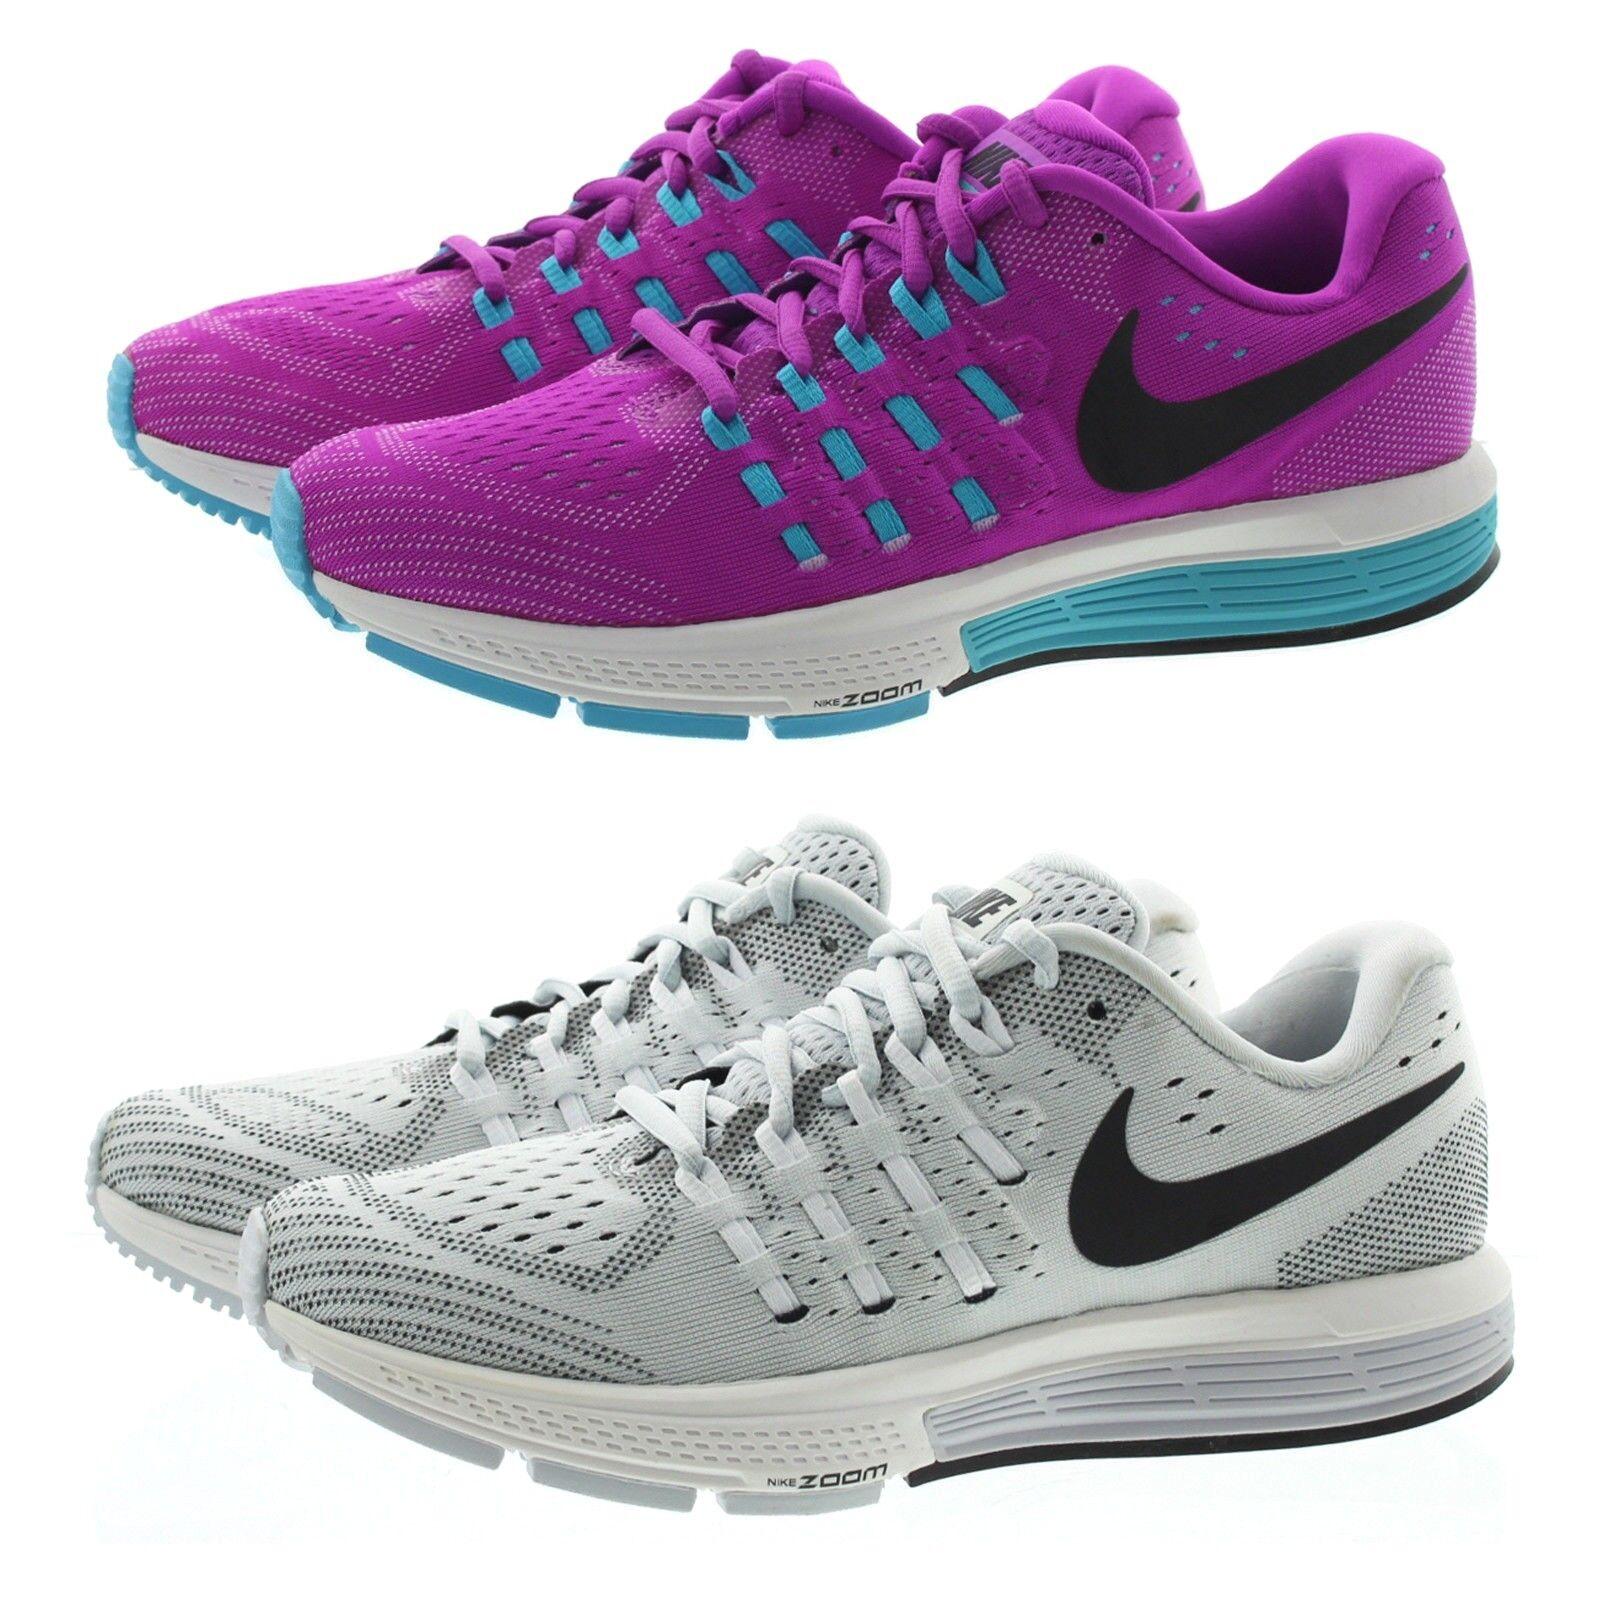 Nike 811000 donna Air Zoom Vomero 11 Performance  Running scarpe scarpe da ginnastica  per il commercio all'ingrosso